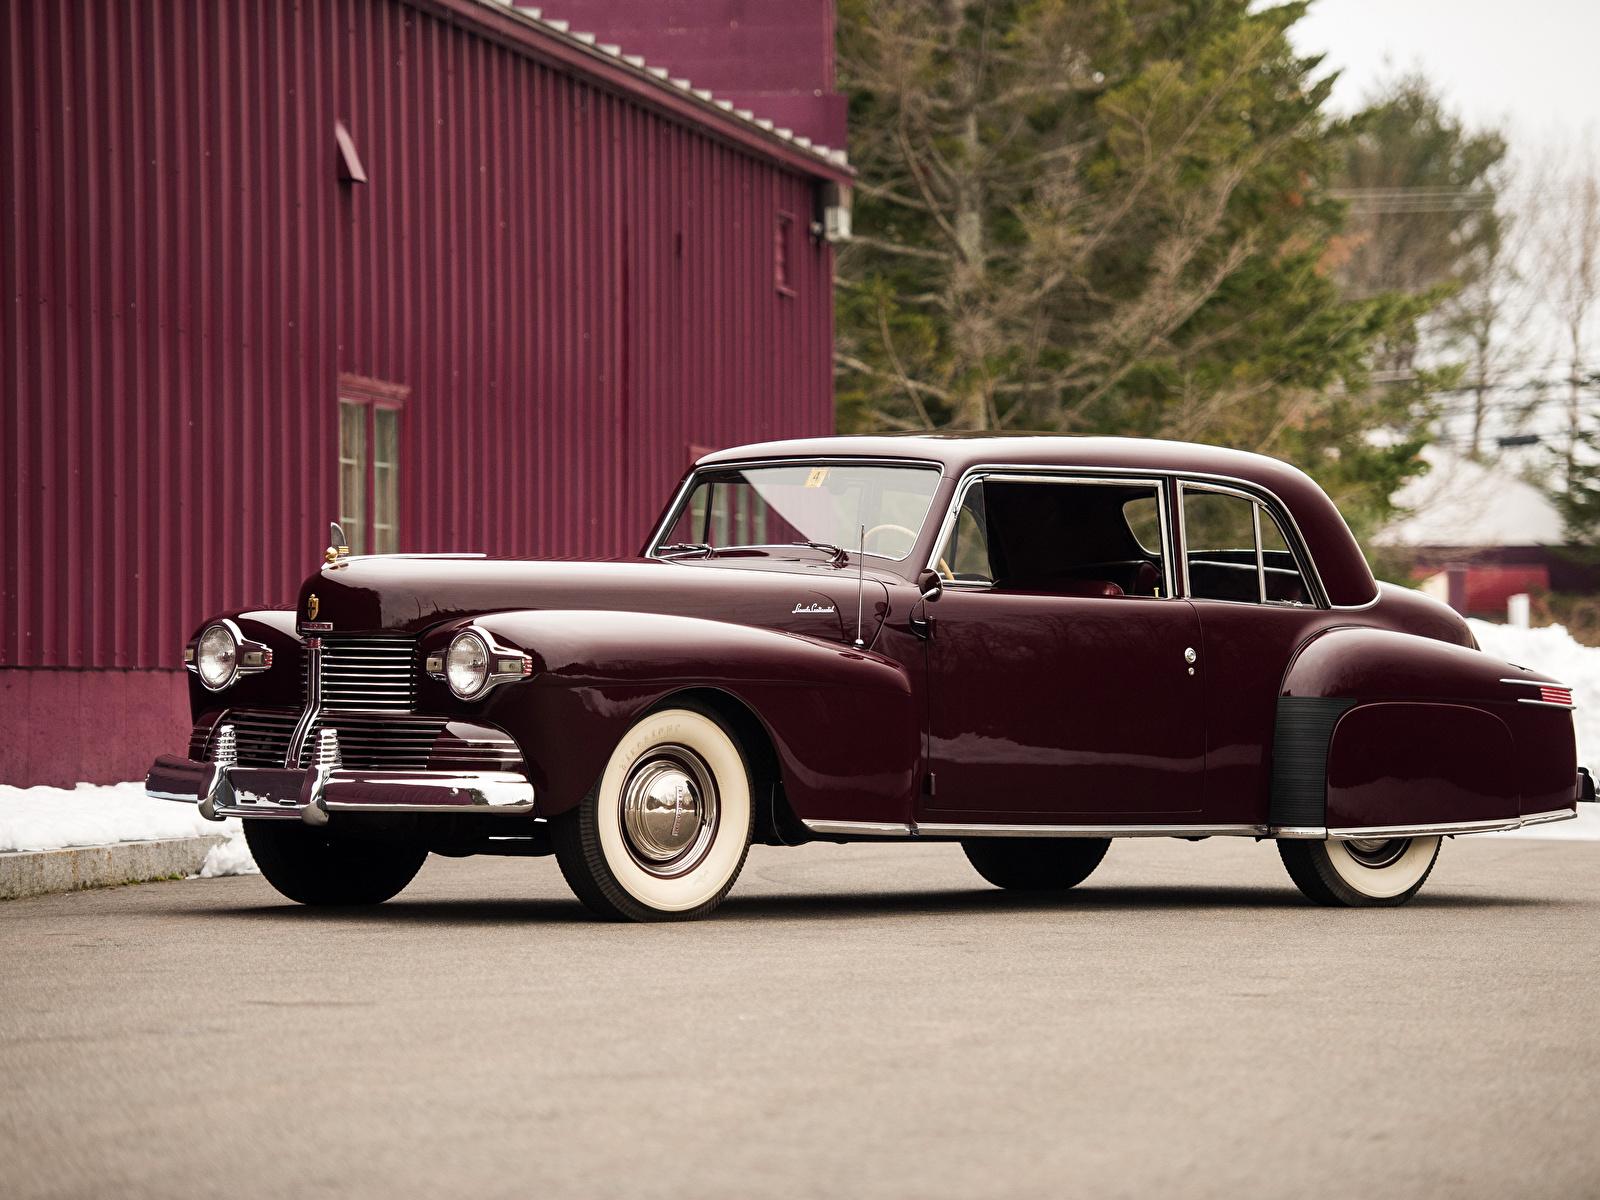 Картинка Lincoln 1942 Continental Coupe бордовая старинные авто Металлик 1600x1200 Ретро винтаж бордовые Бордовый темно красный машина машины автомобиль Автомобили